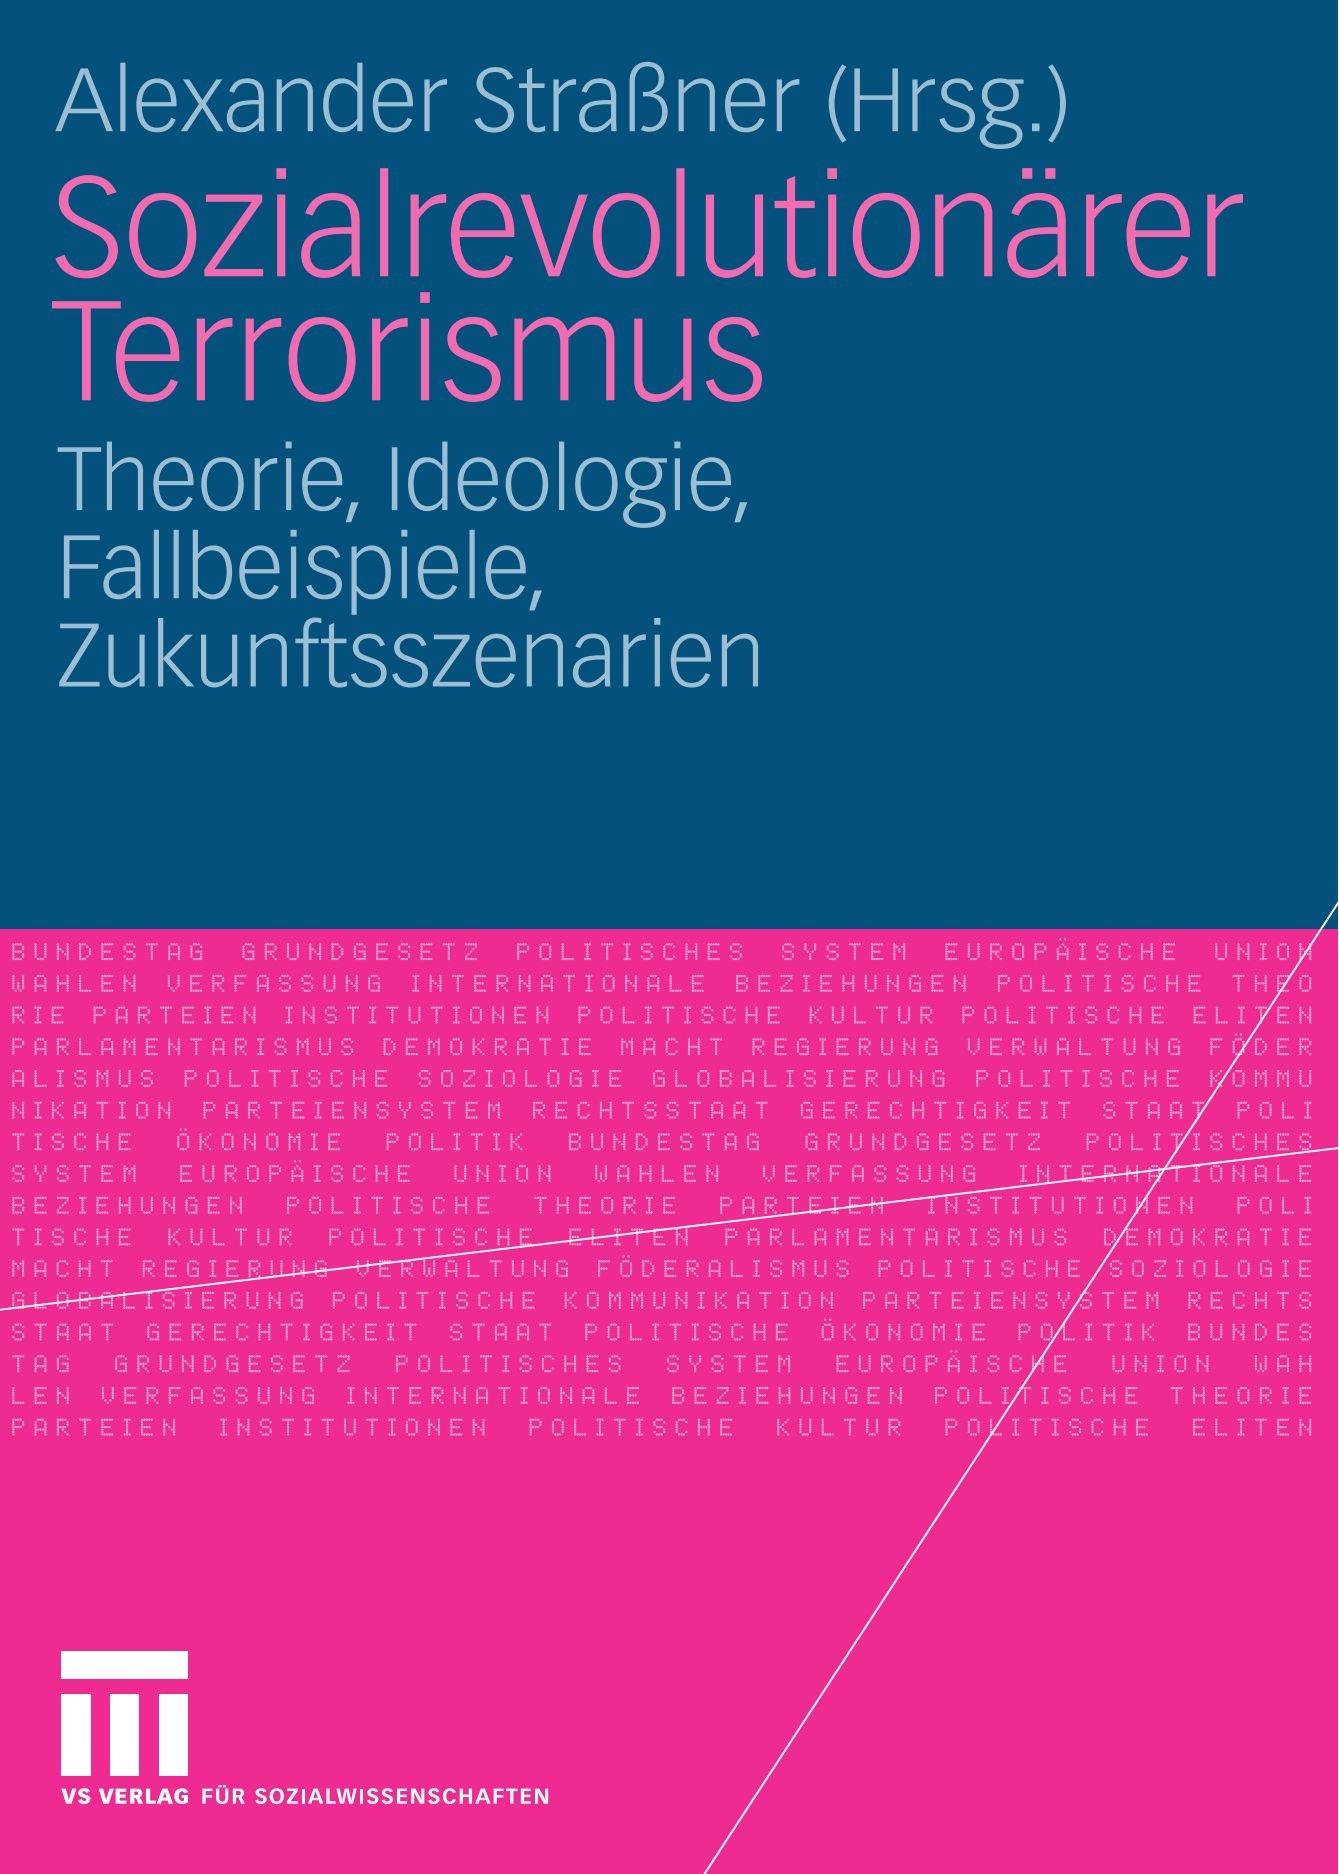 Sozialrevolutionärer Terrorismus: Theorie, Ideologie, Fallbeispiele, Zukunftsszenarien (German Edition)